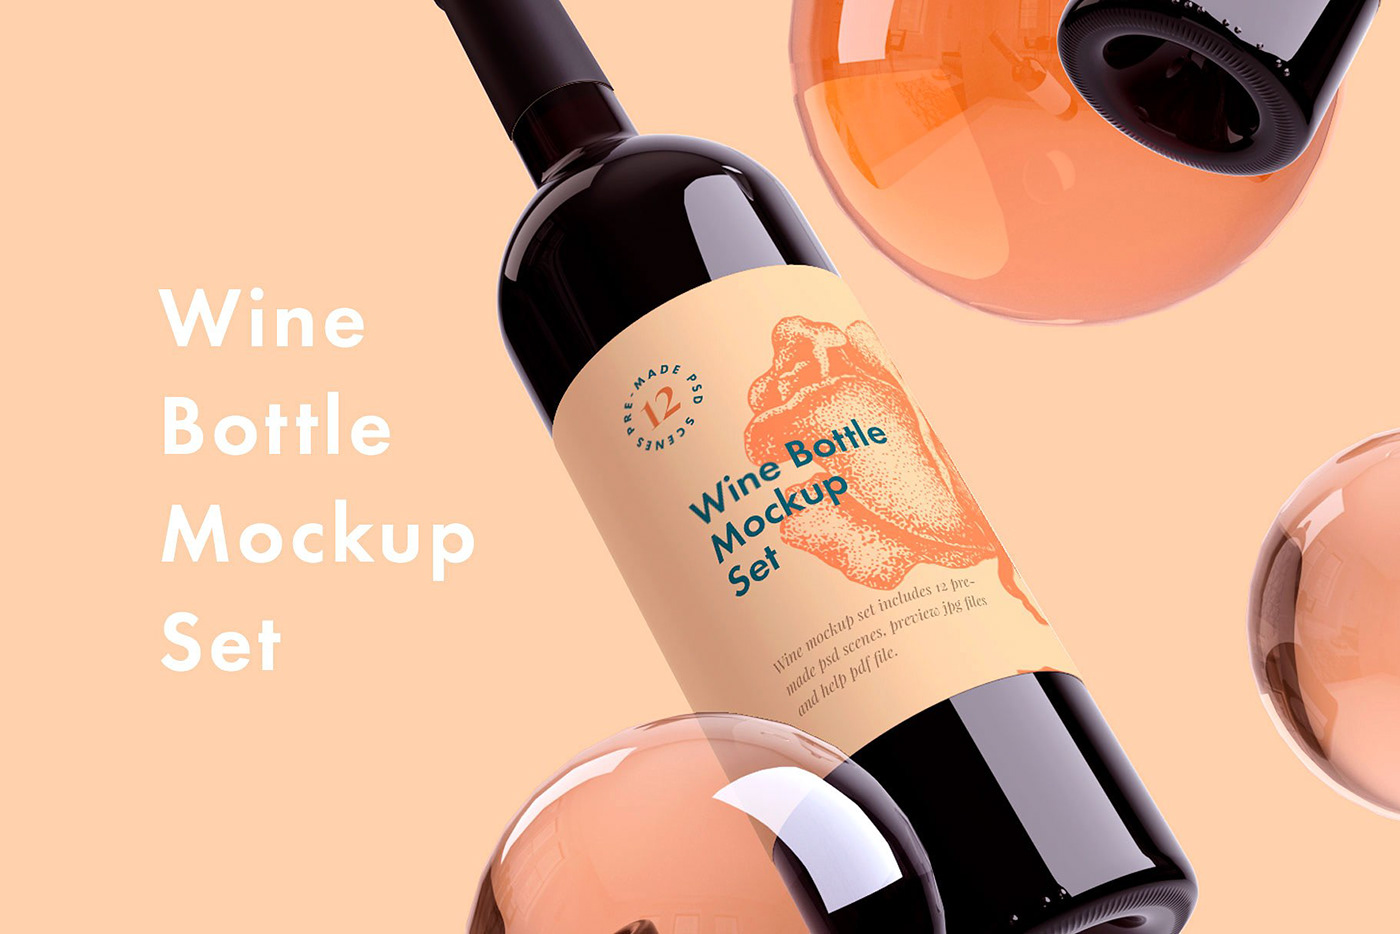 高質感的29 套酒瓶包裝設計欣賞